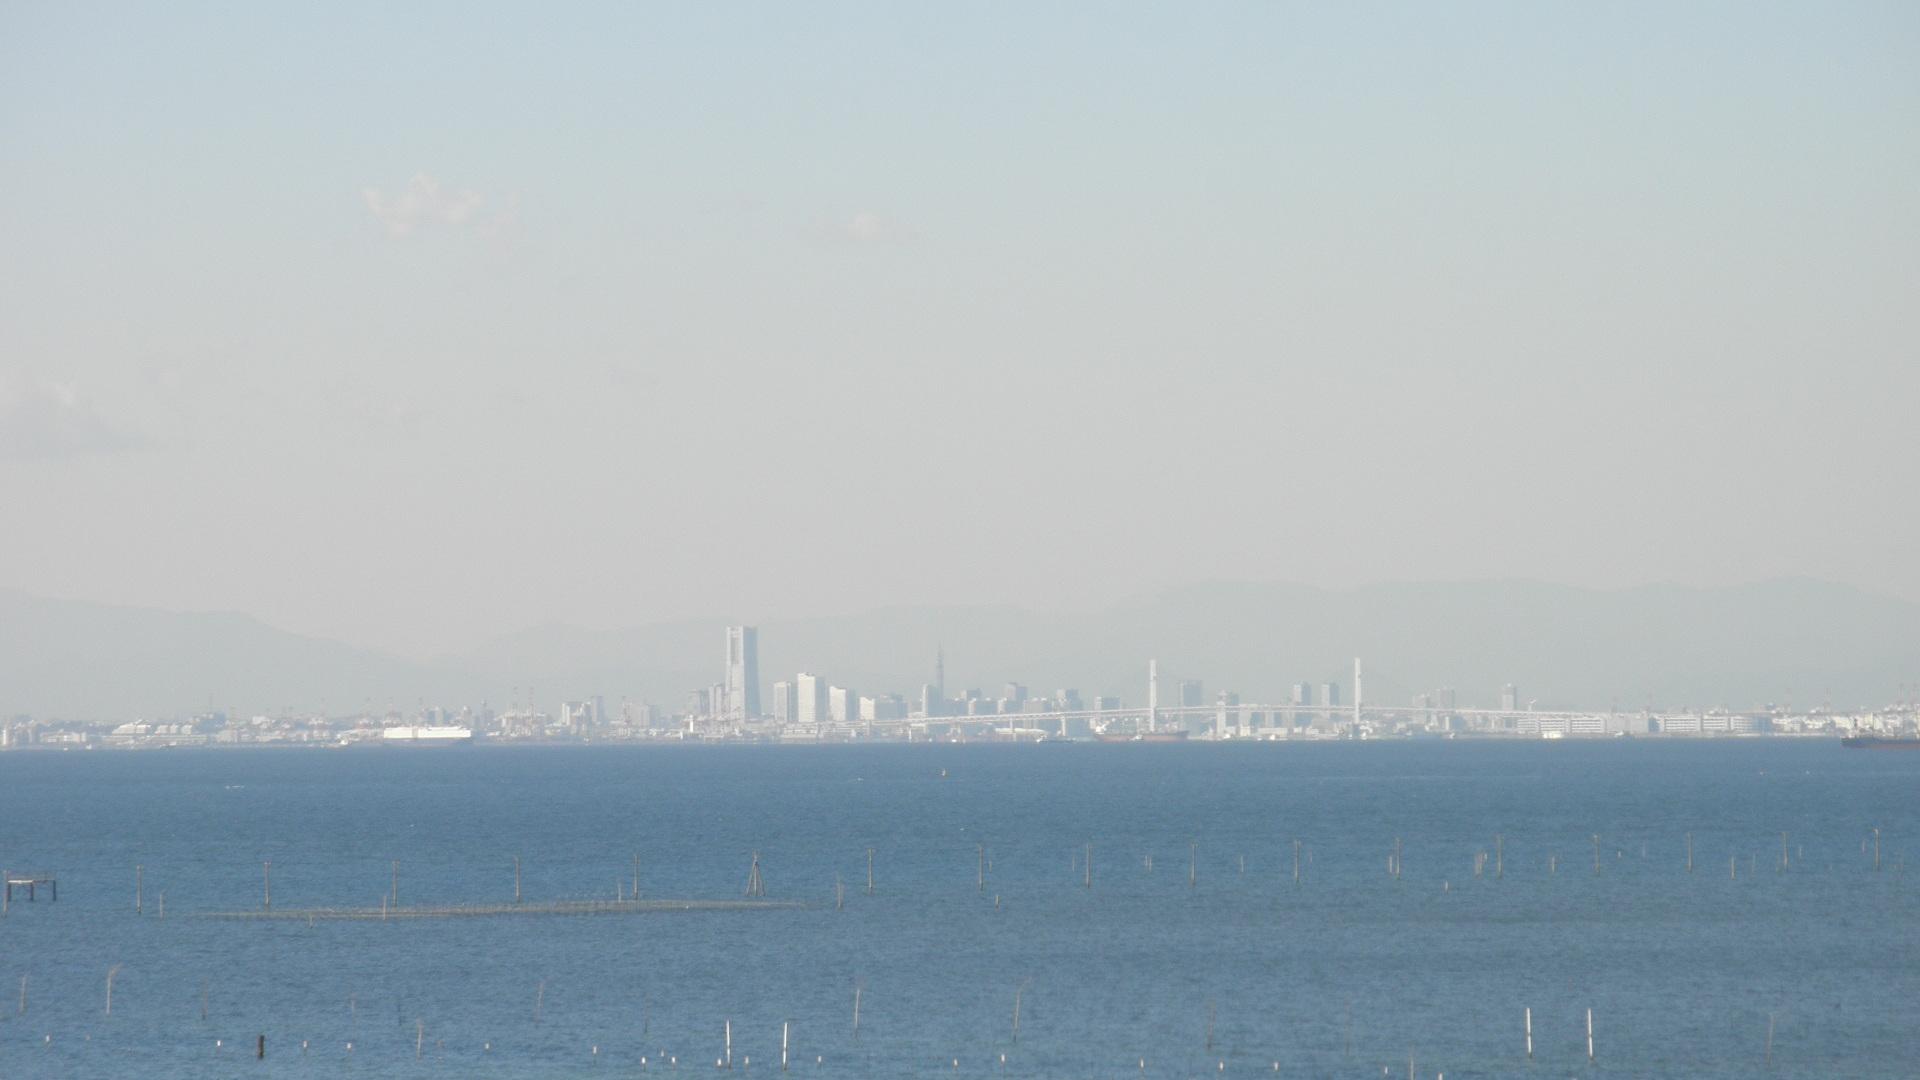 木更津港から見える横浜の街